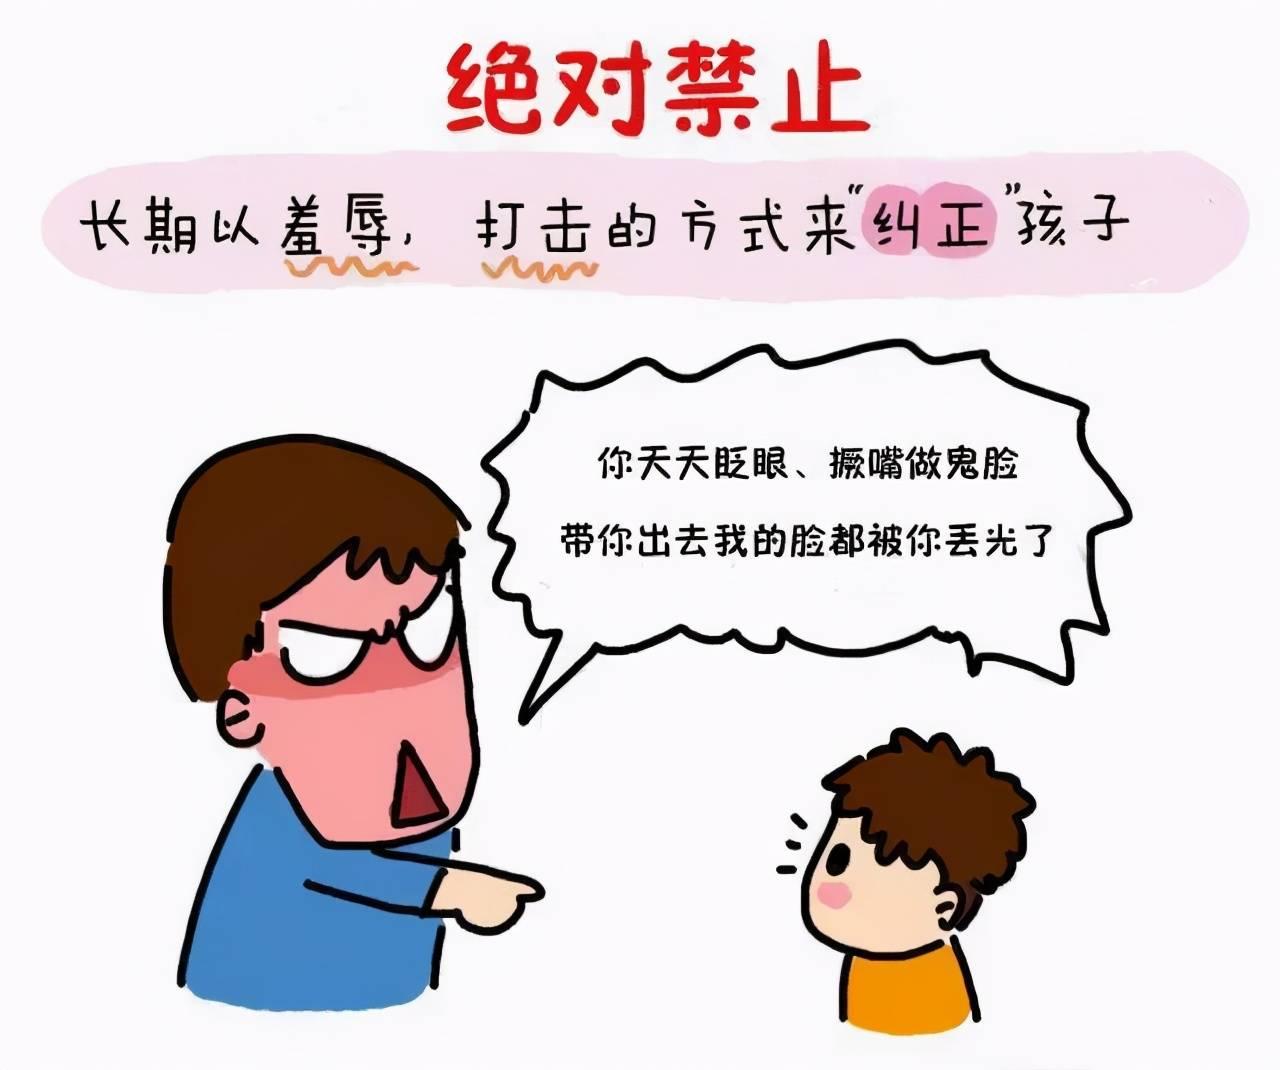 5例儿童抽动症痊愈案例 北京天使儿童医院怎么样